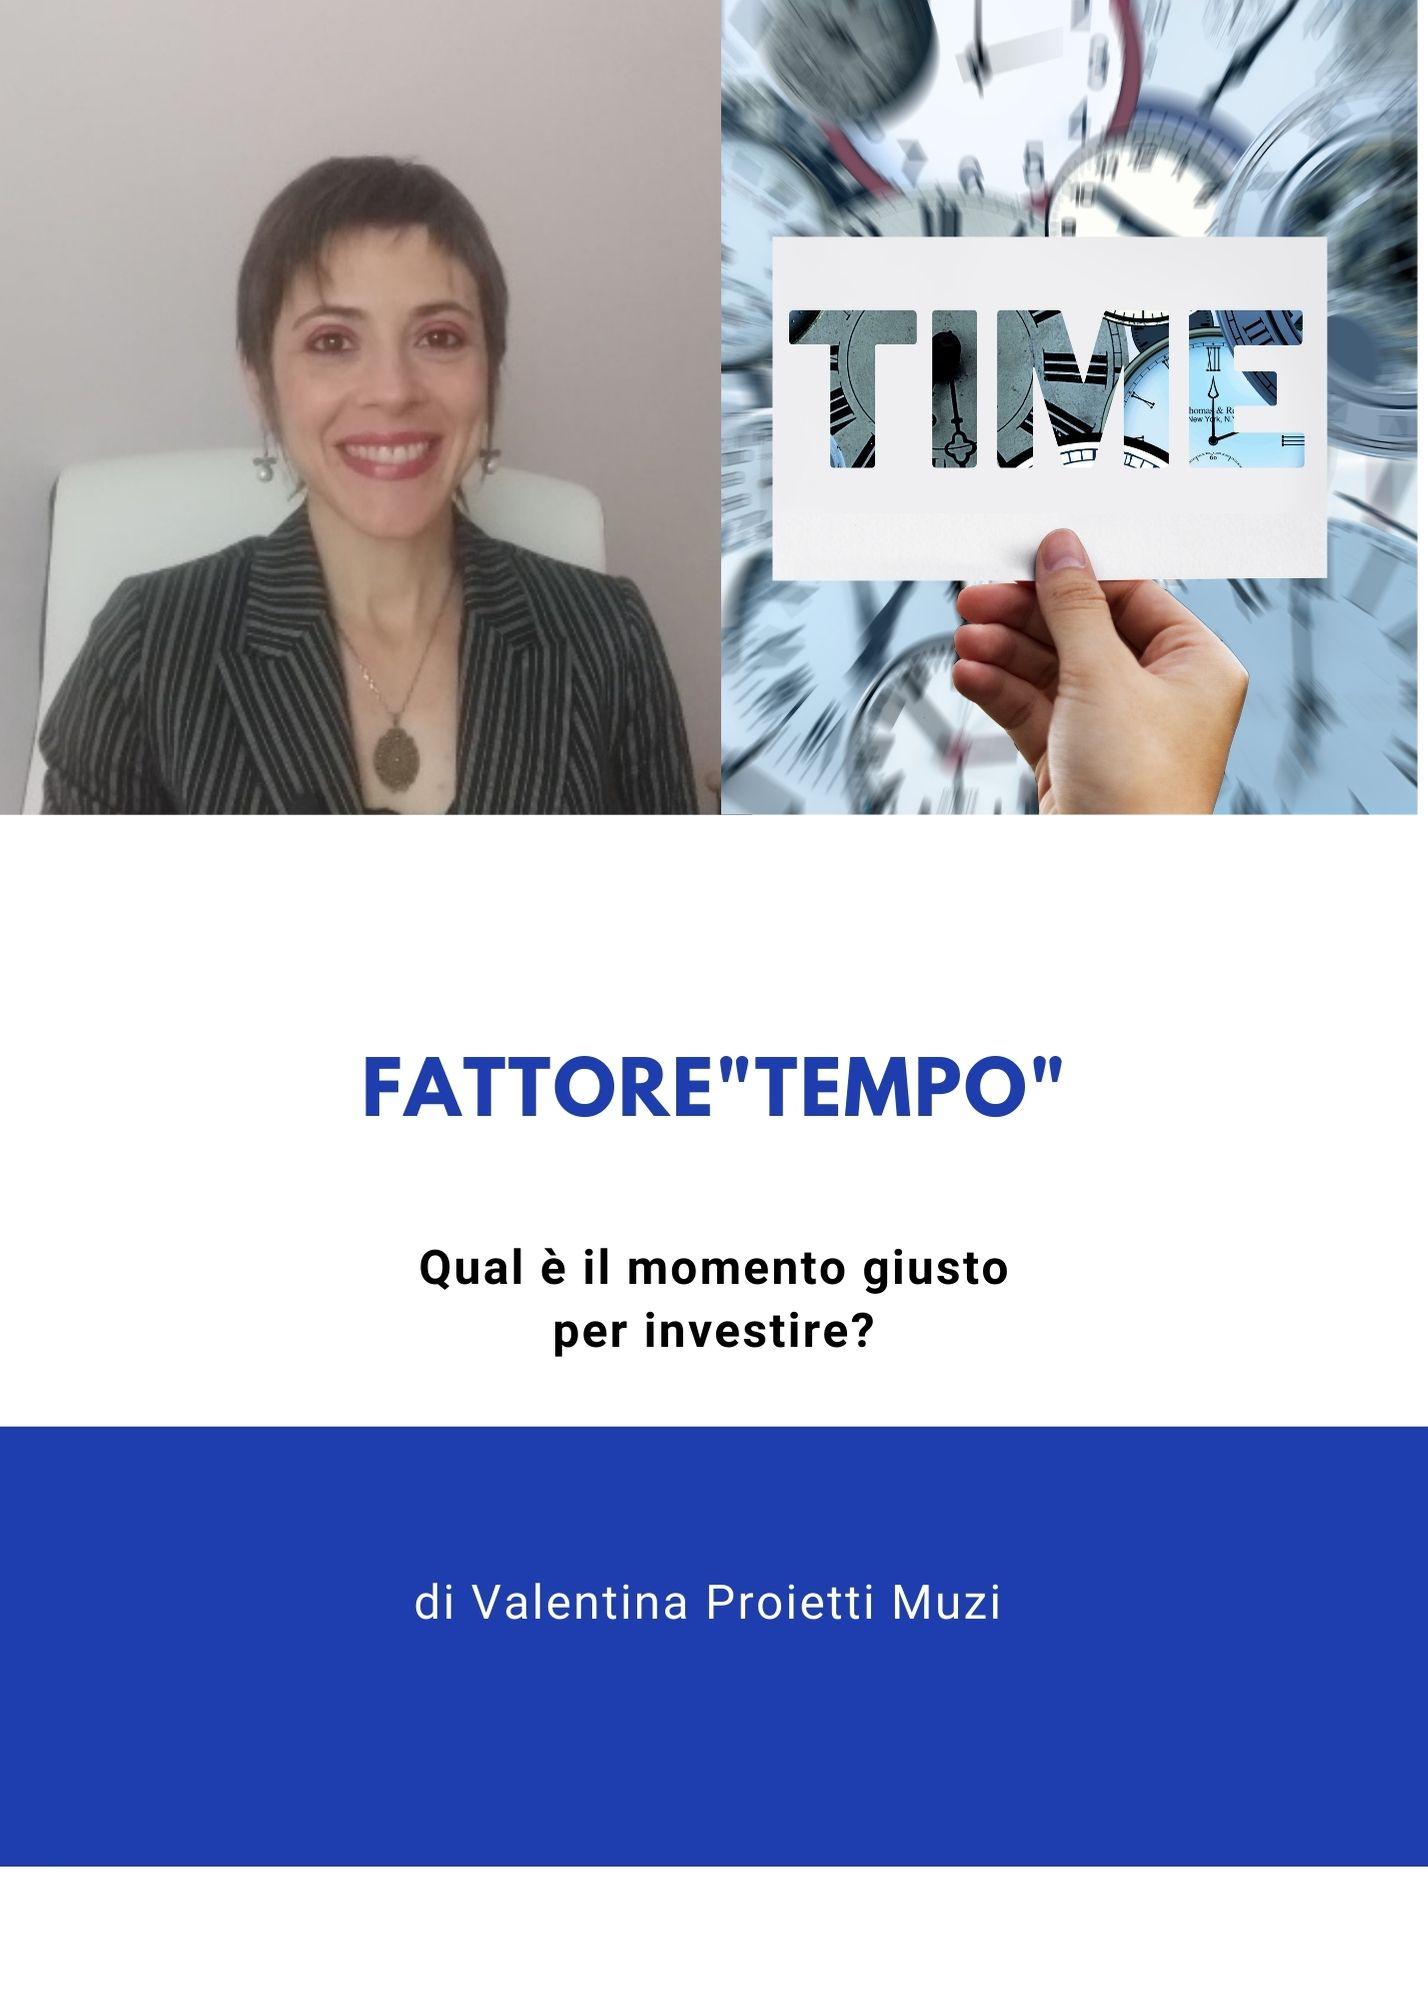 Fattore 'tempo'. Qual è il momento giusto per investire?